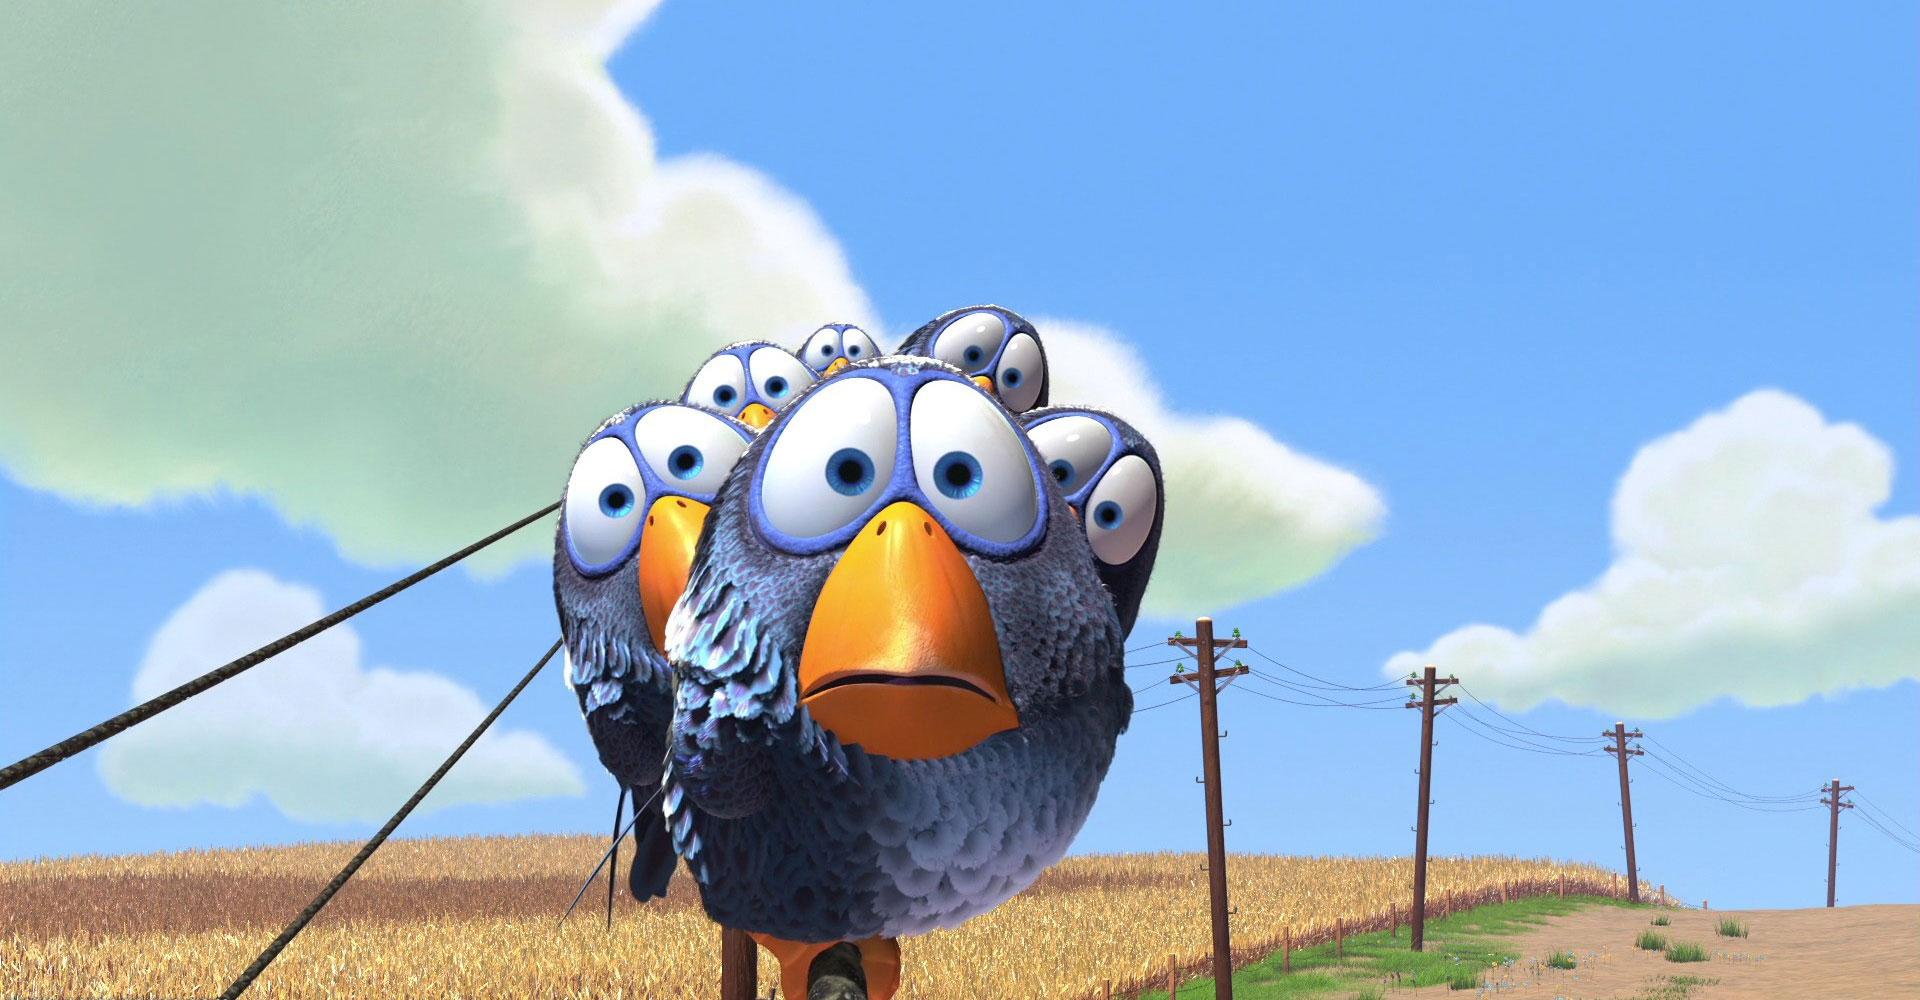 image birds drôle oiseaux ligne haute tension pixar disney